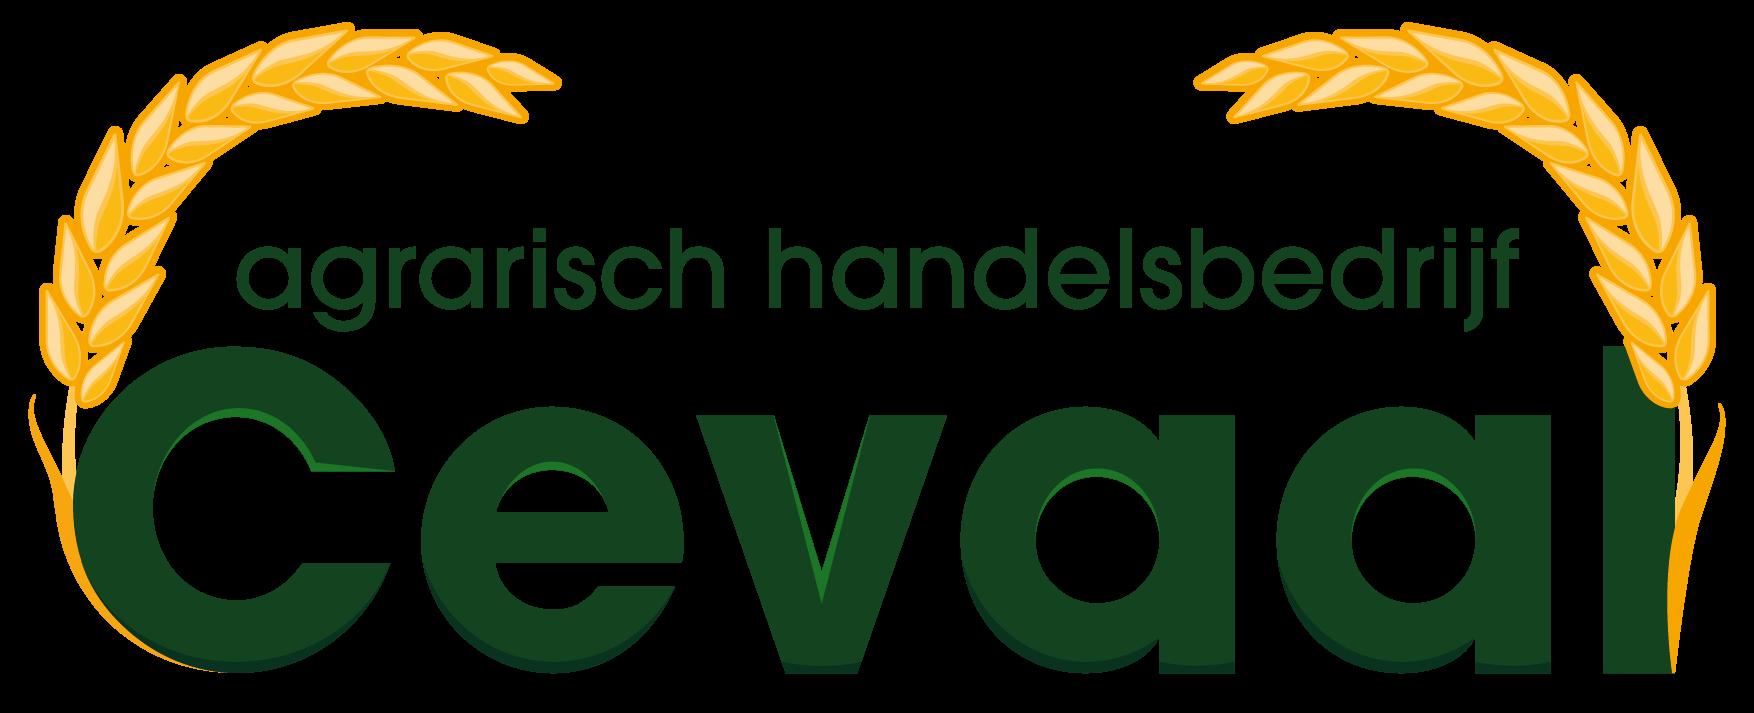 Agrarisch Handelsbedrijf Cevaal